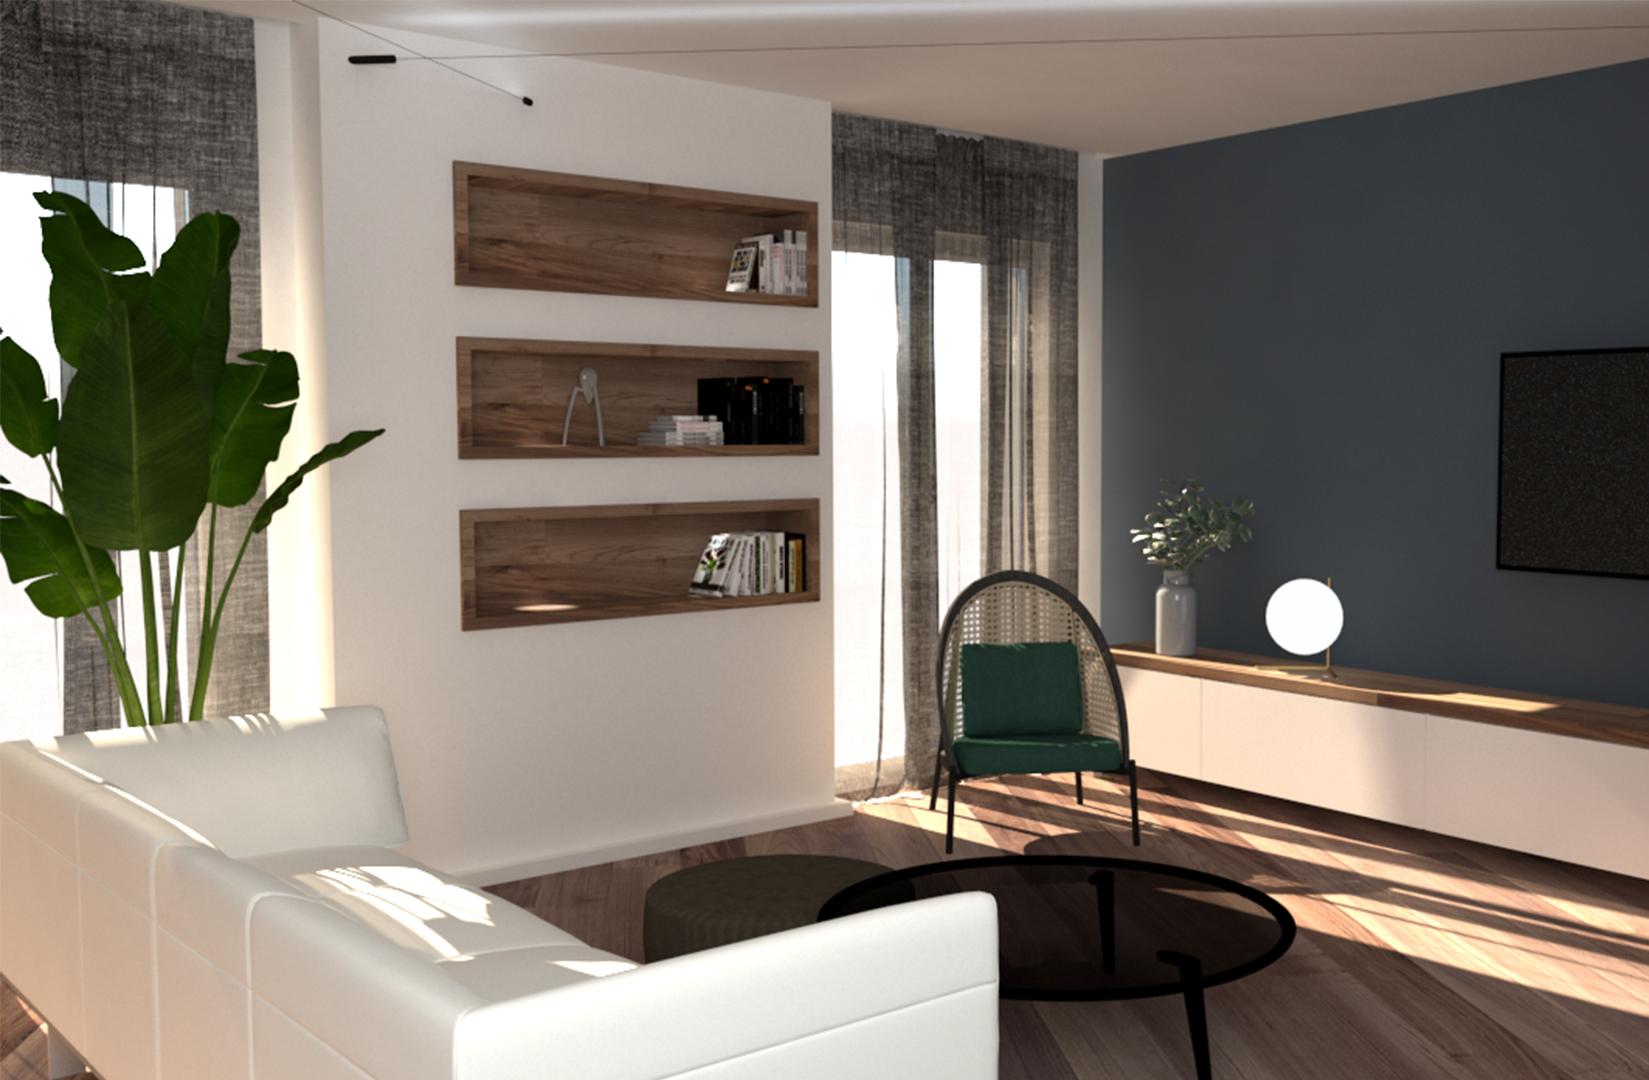 MS Architetti_Proposta di Restyling Appartamento a Monza_01